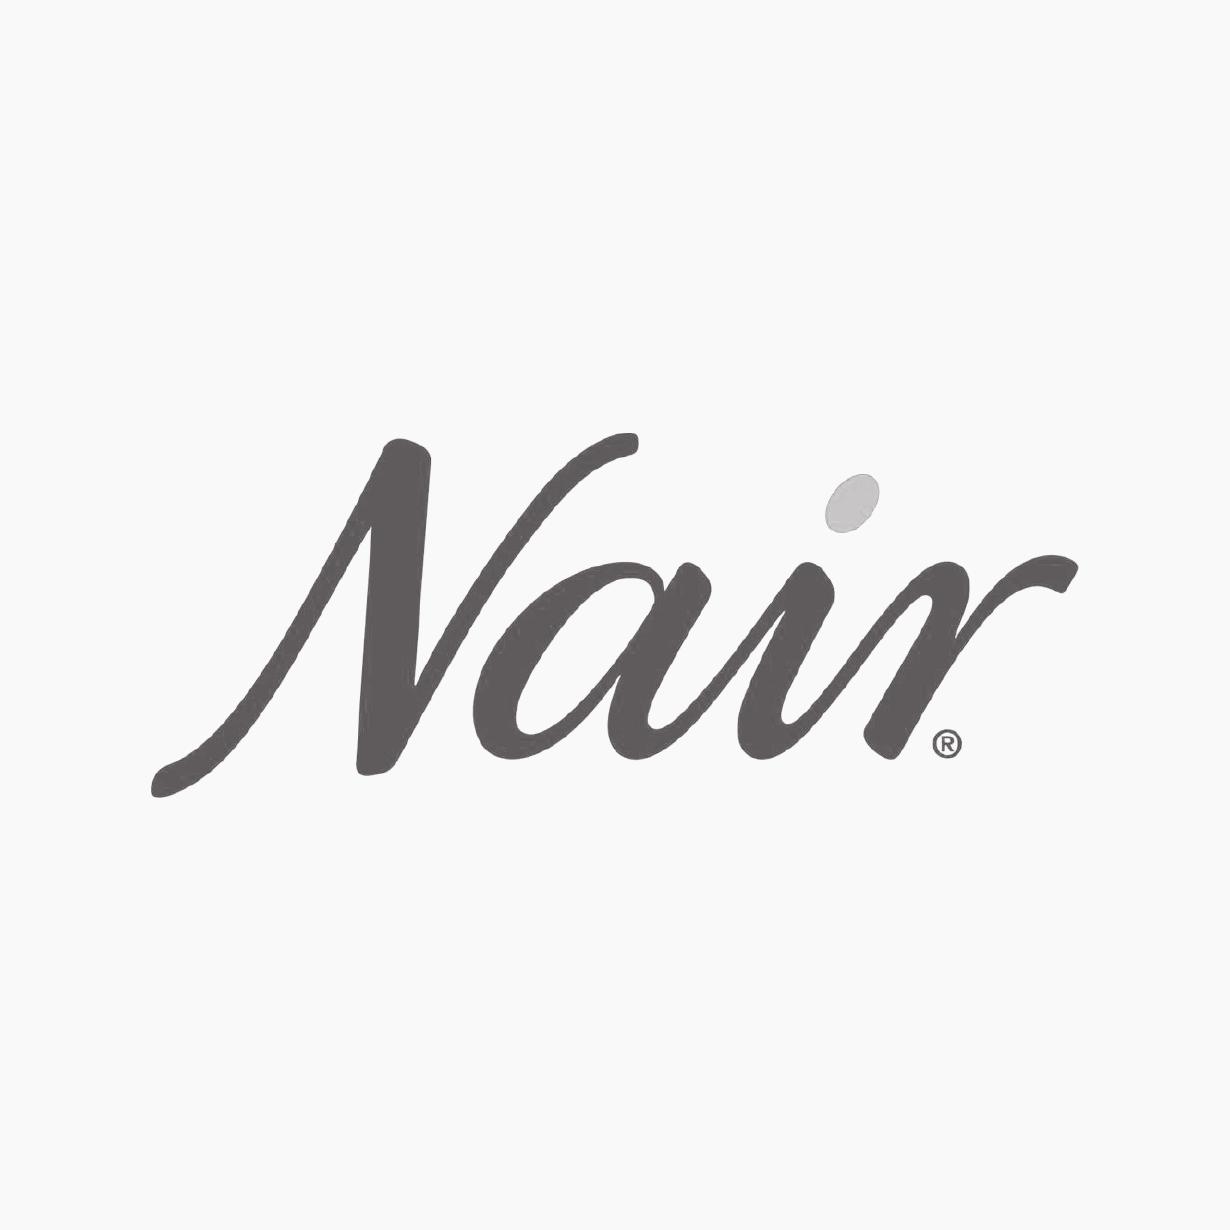 Logos 02 23 2017 10